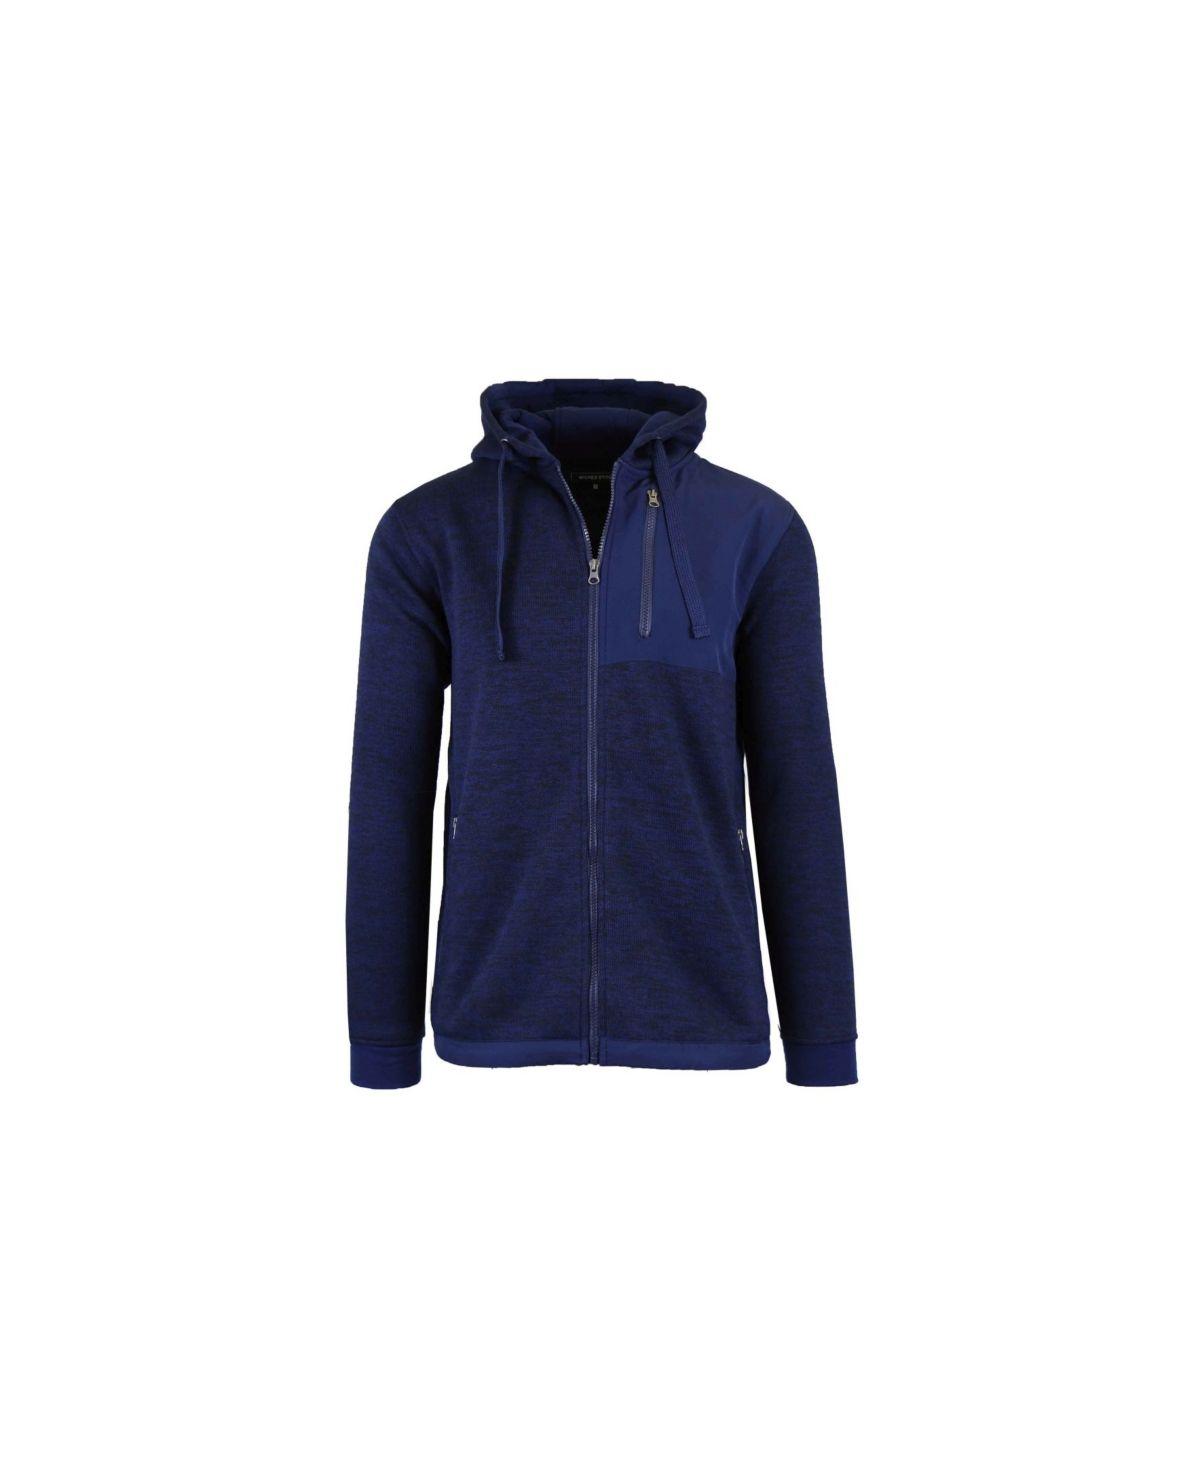 Galaxy By Harvic Men S Marled Zip Hoodie Navy Hoodies Sweatshirts Hoodie Zip Hoodie [ 1467 x 1200 Pixel ]